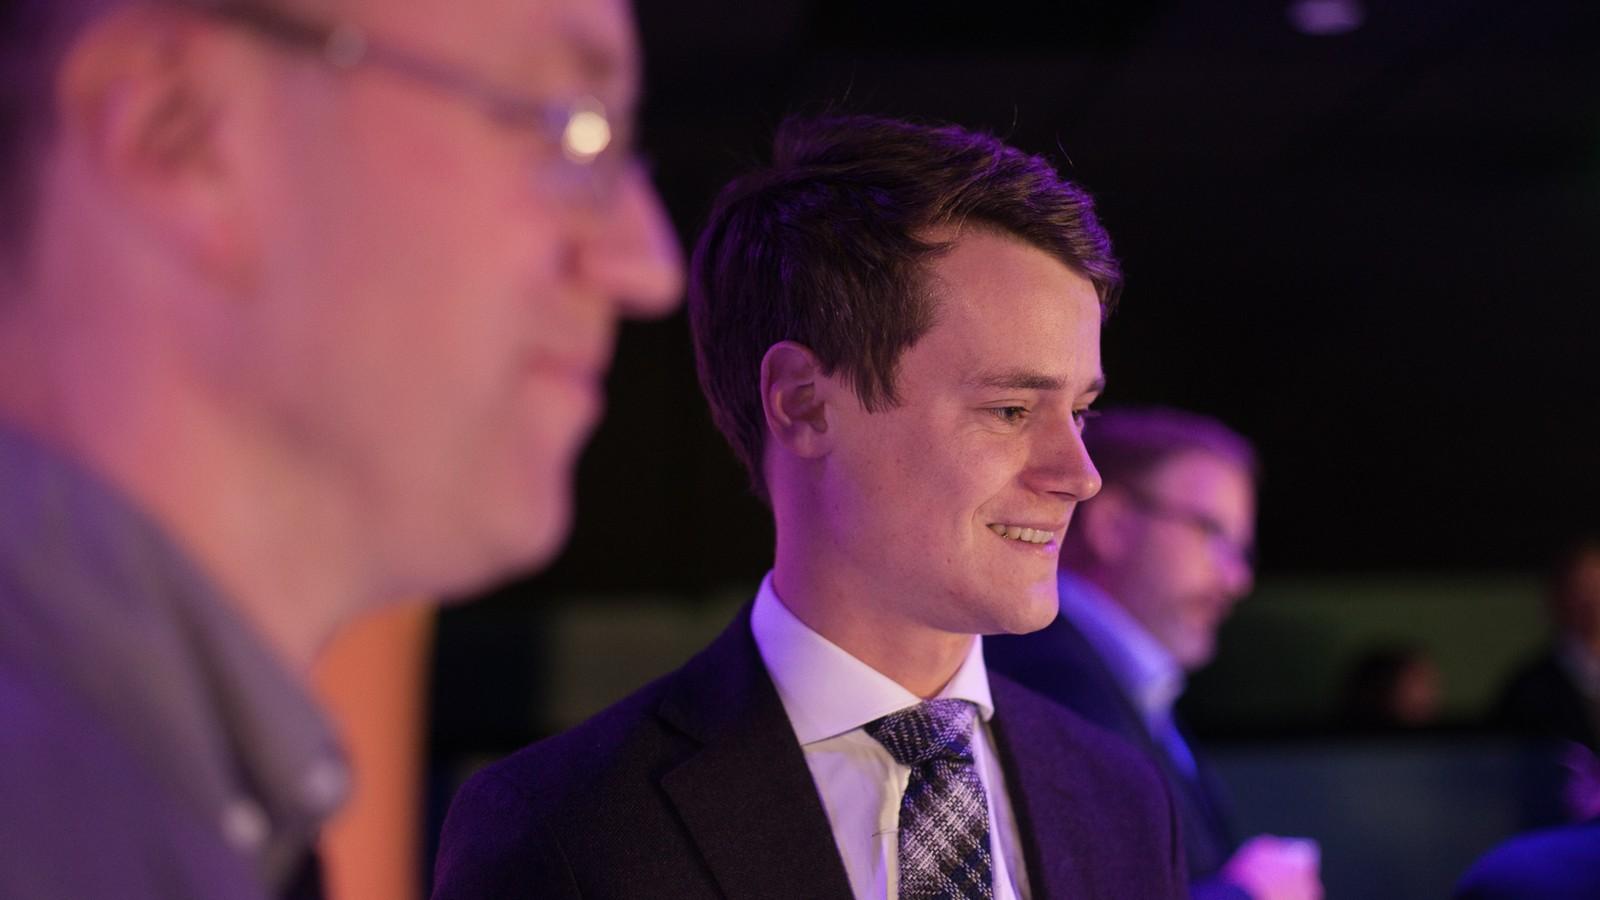 Tore Storehaug, Kristeleg Folkeparti, smilte på starten av kvelden. Spørsmålet er om han er like glad mot slutten, når det viser seg at KrF har gått tilbake med fleire prosentpoeng i Sogn og Fjordane.